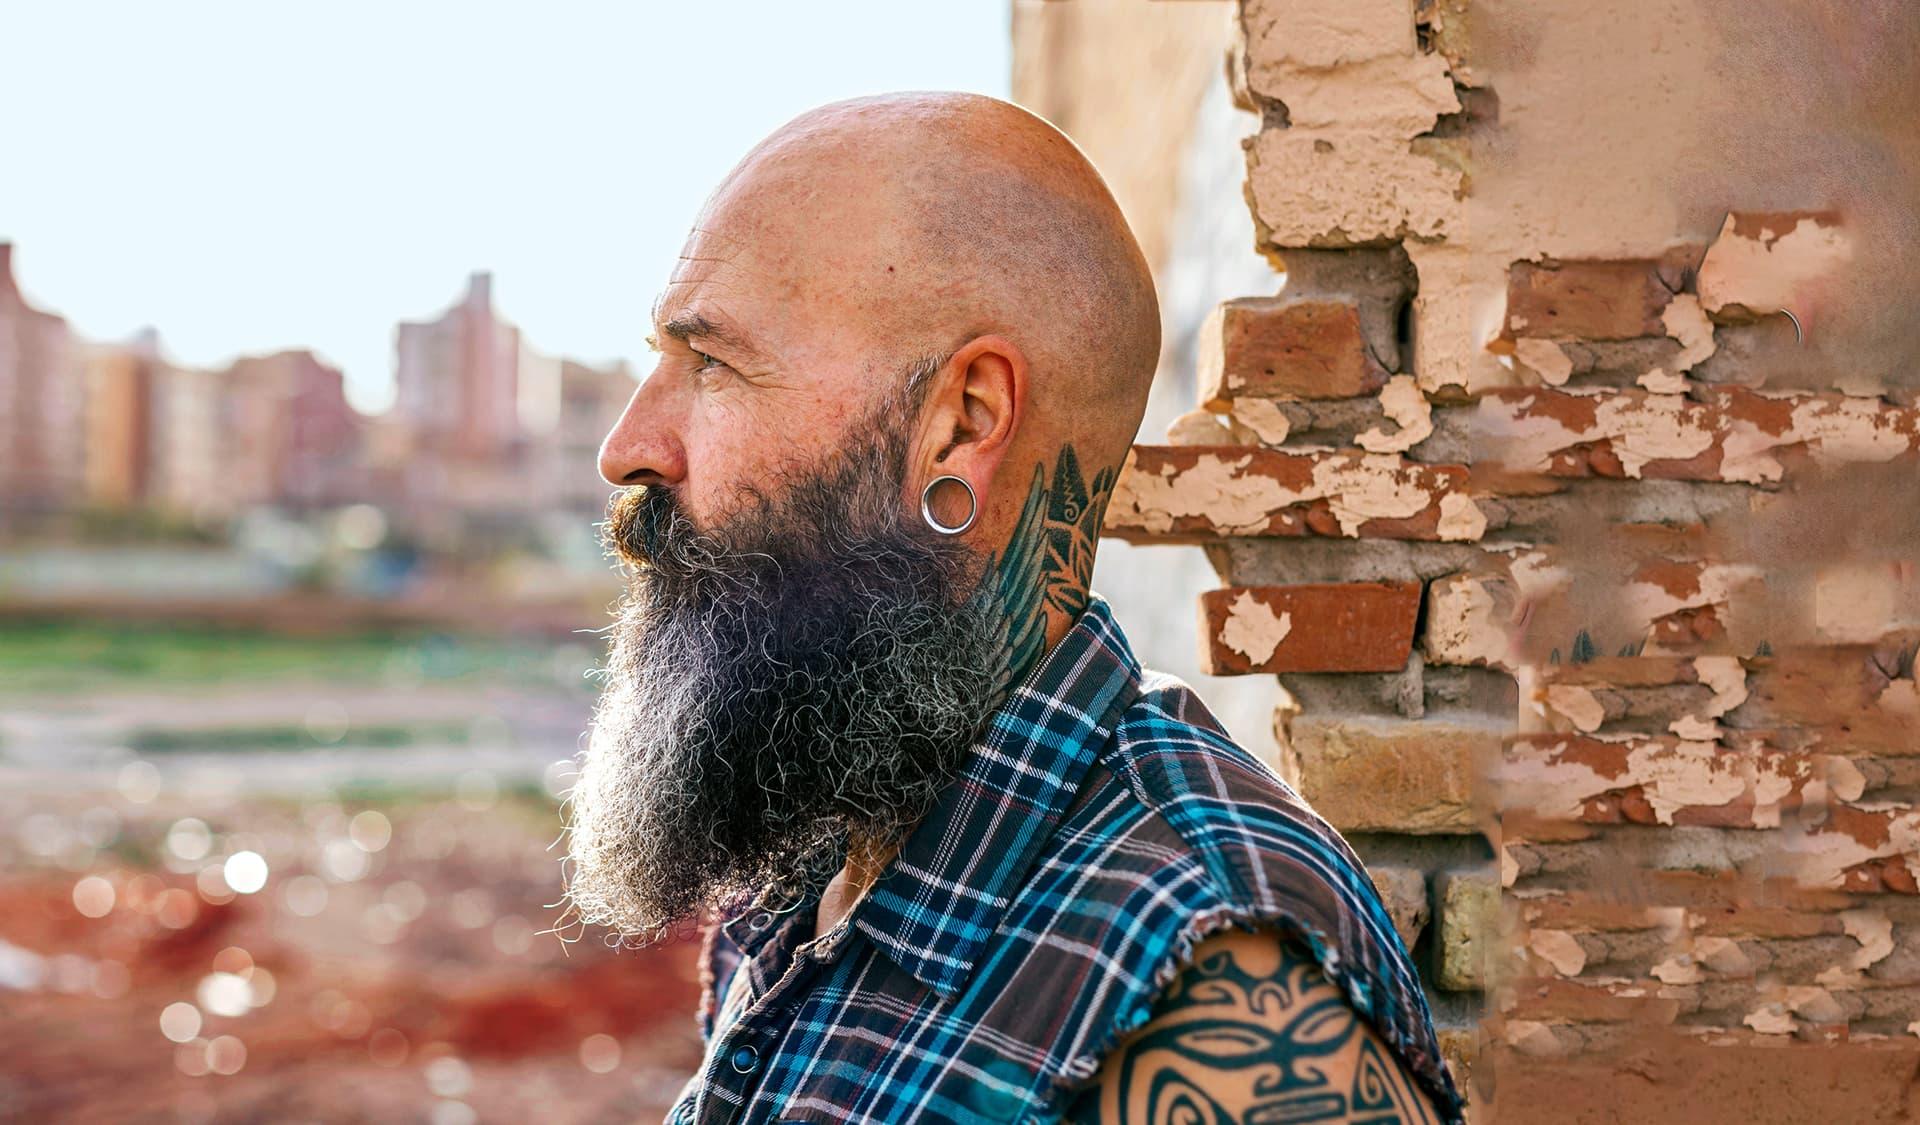 Mann mit grau-meliertem Rauschebart im Profil.